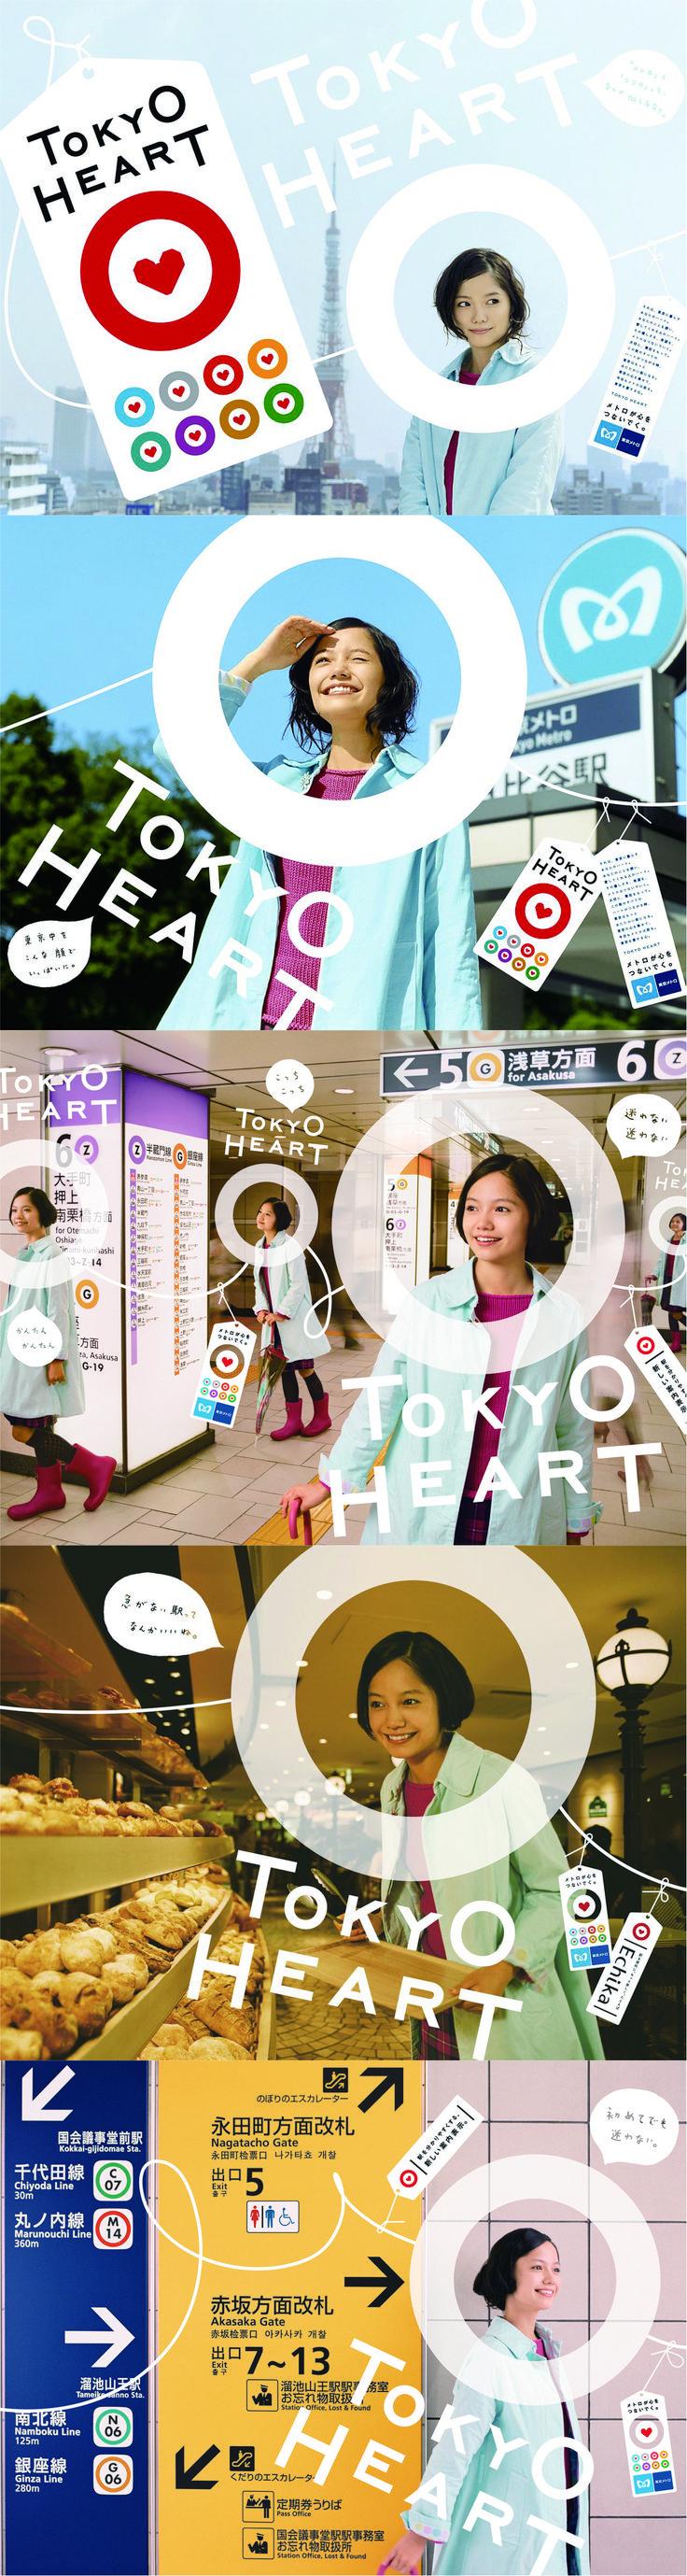 Aoi Miyazaki - Tokyo Heart